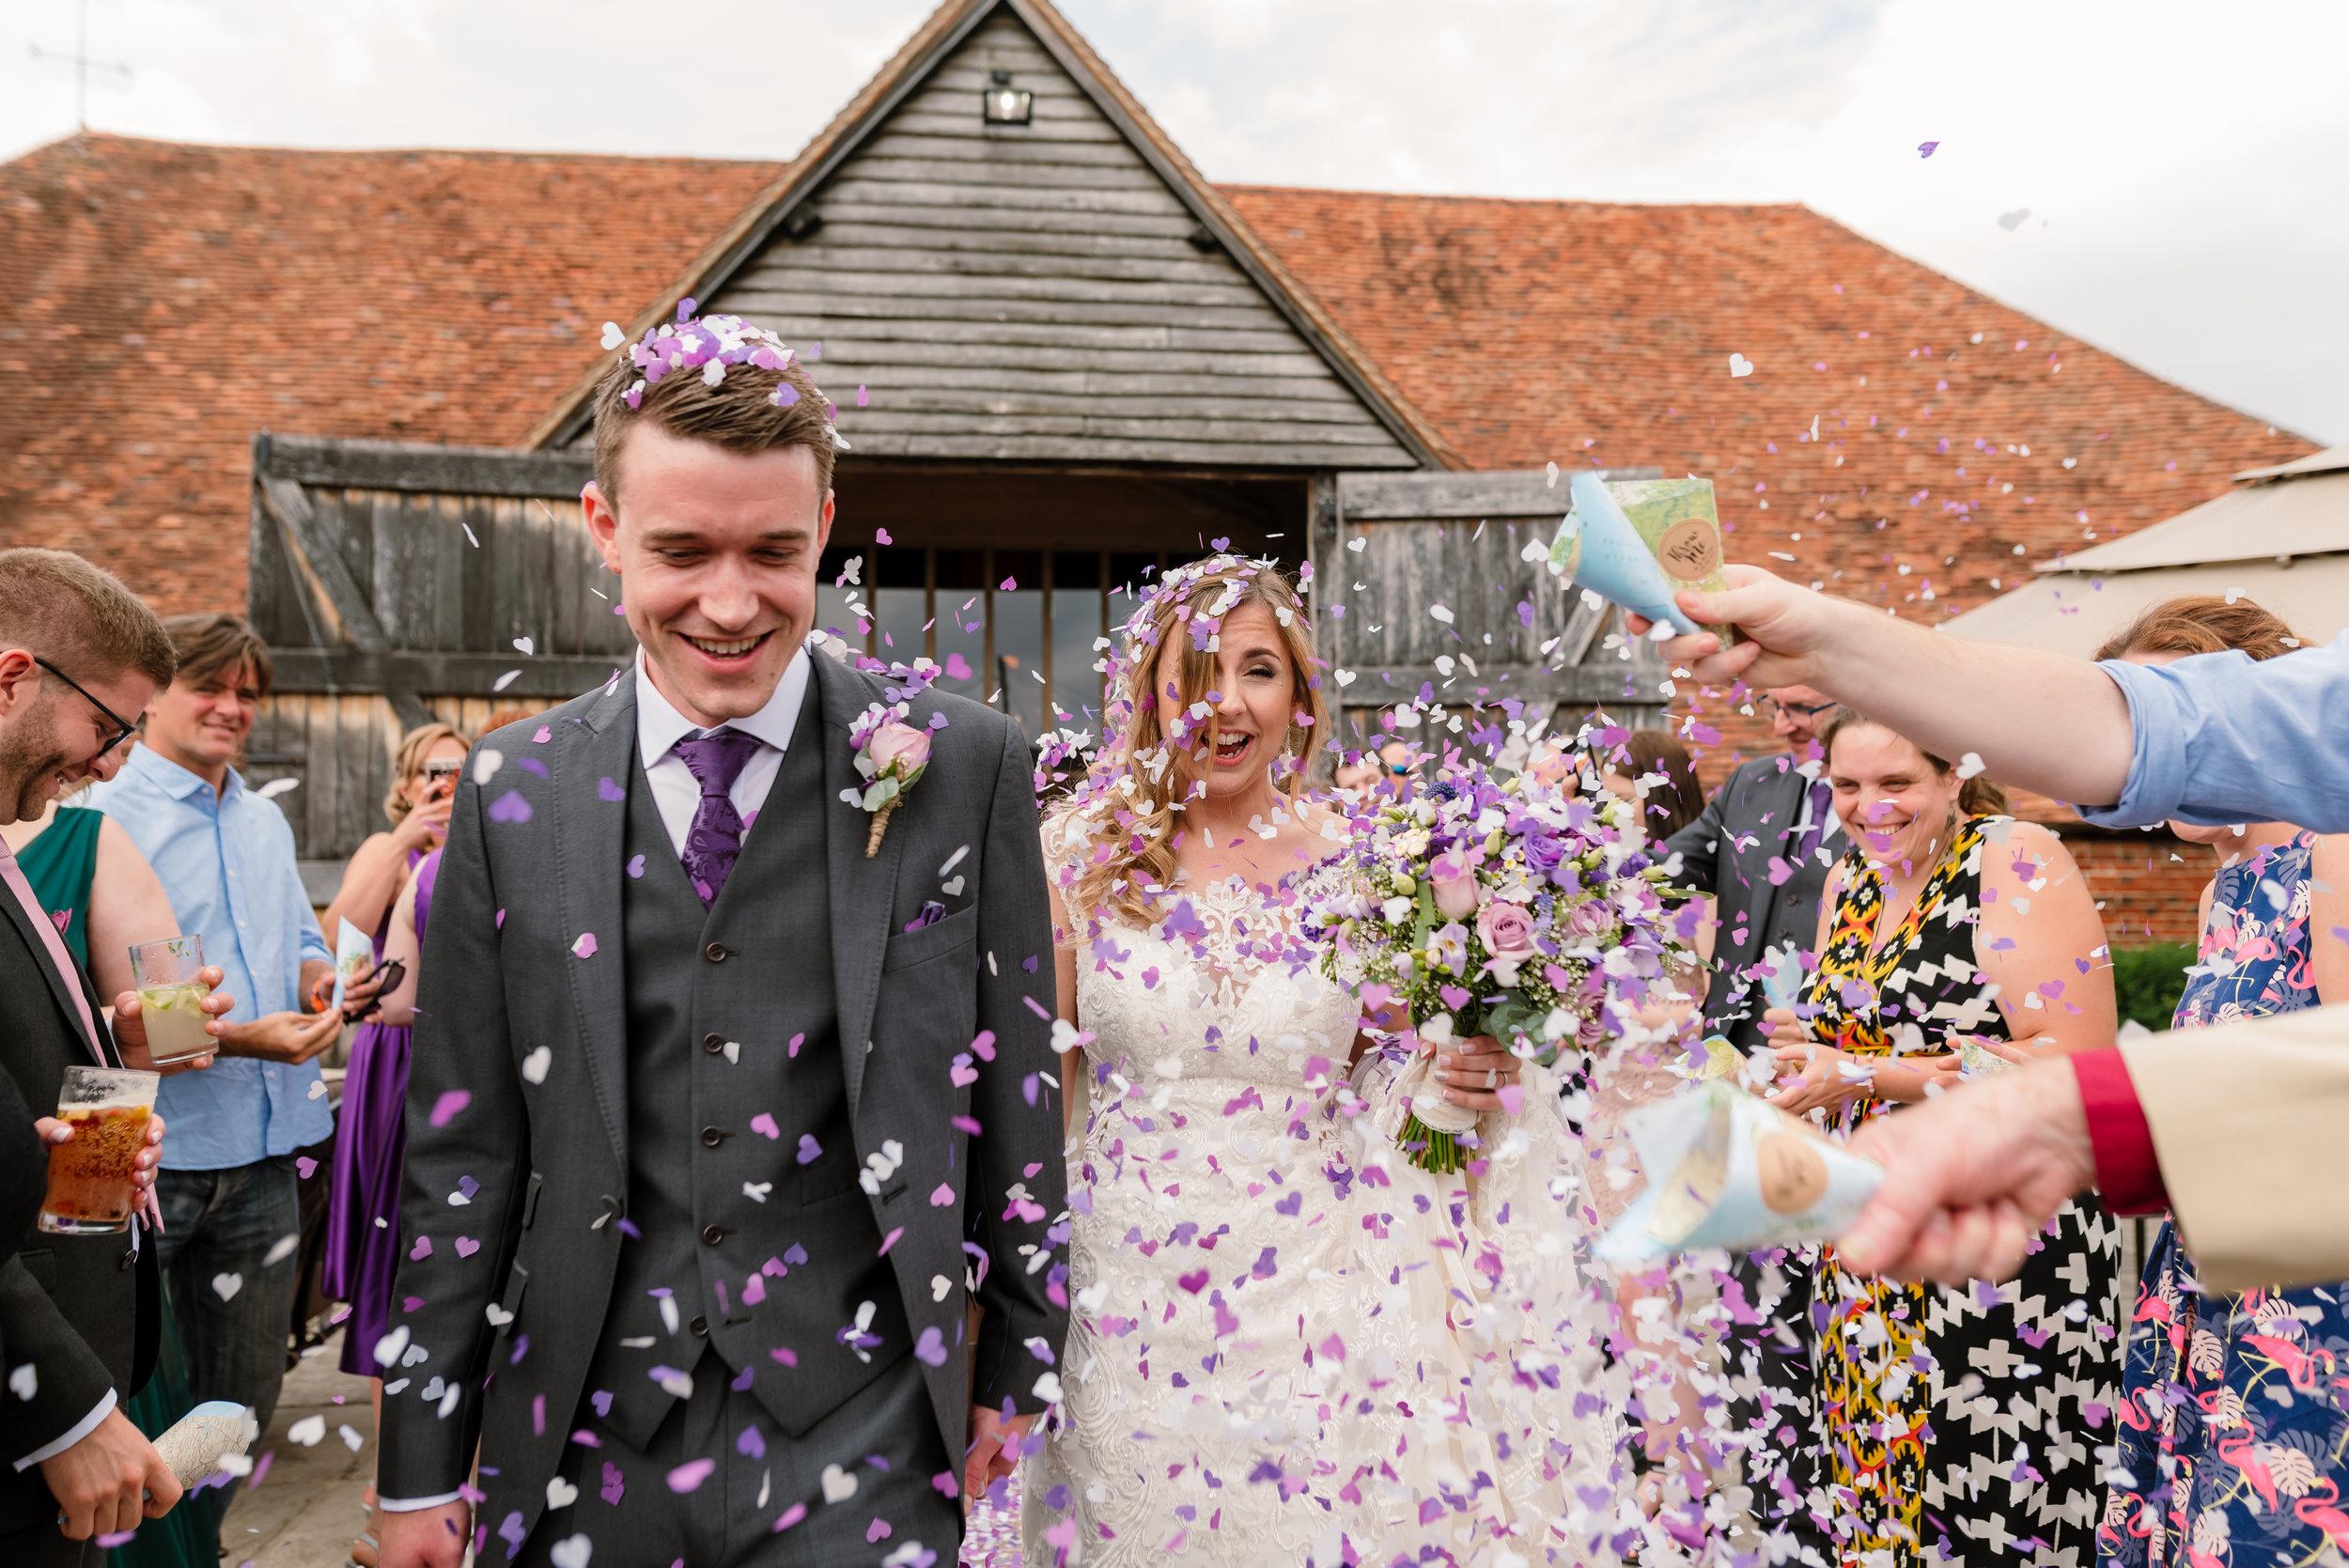 Hampshire Wedding Photographer Hampshire : Ufton-Court-Wedding : Barn-wedding-venue-hampshire : sarah-fishlock-photography : hampshire-barn-wedding-615.jpg